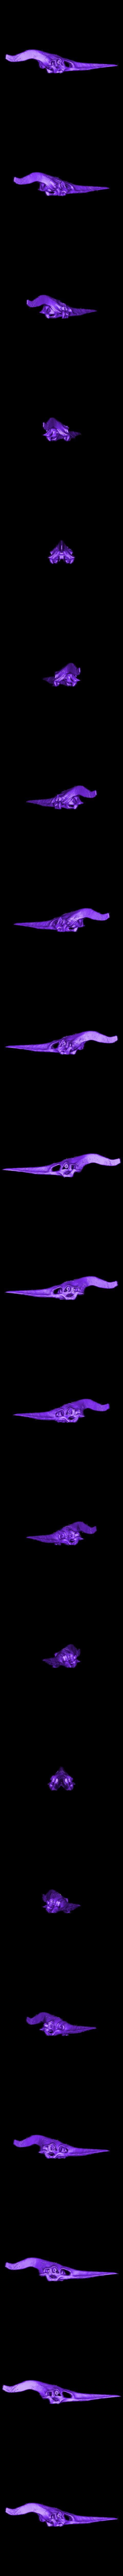 PteranodonSkull.stl Download free STL file Flying Dinosaur Skull • 3D printer model, LordLilapause